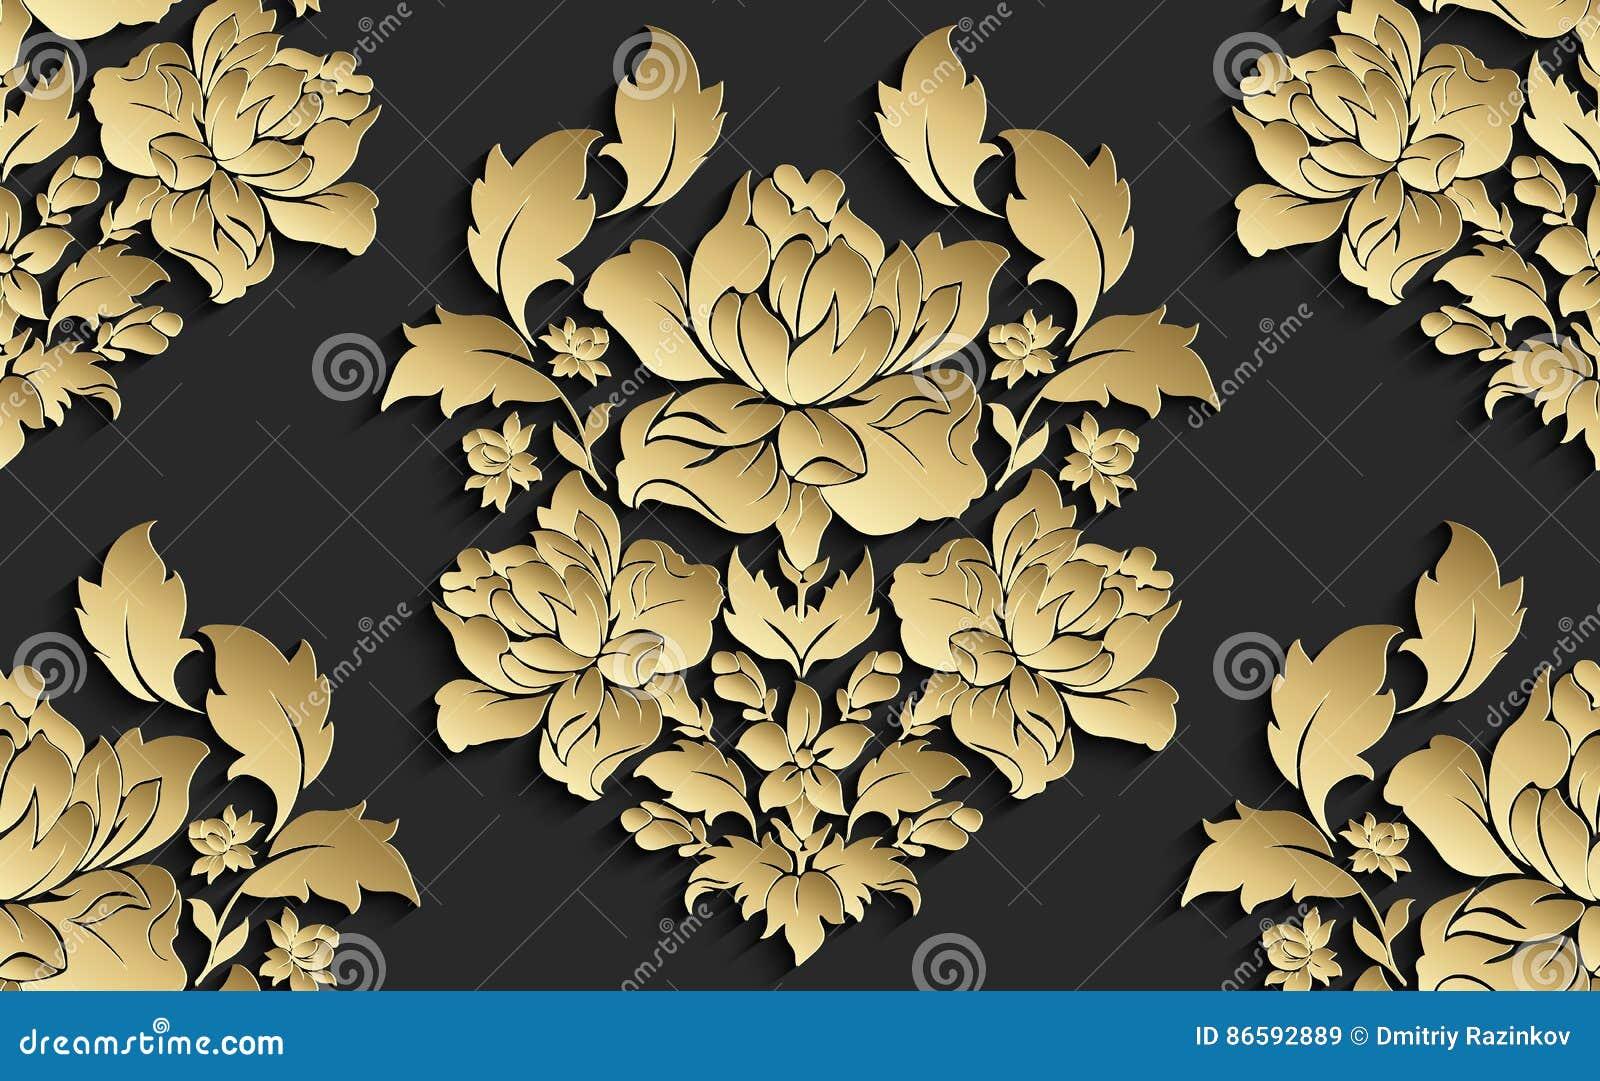 Carta Da Parati Damascata Rosa : Carta da parati nello stile di barocco modello floreale senza